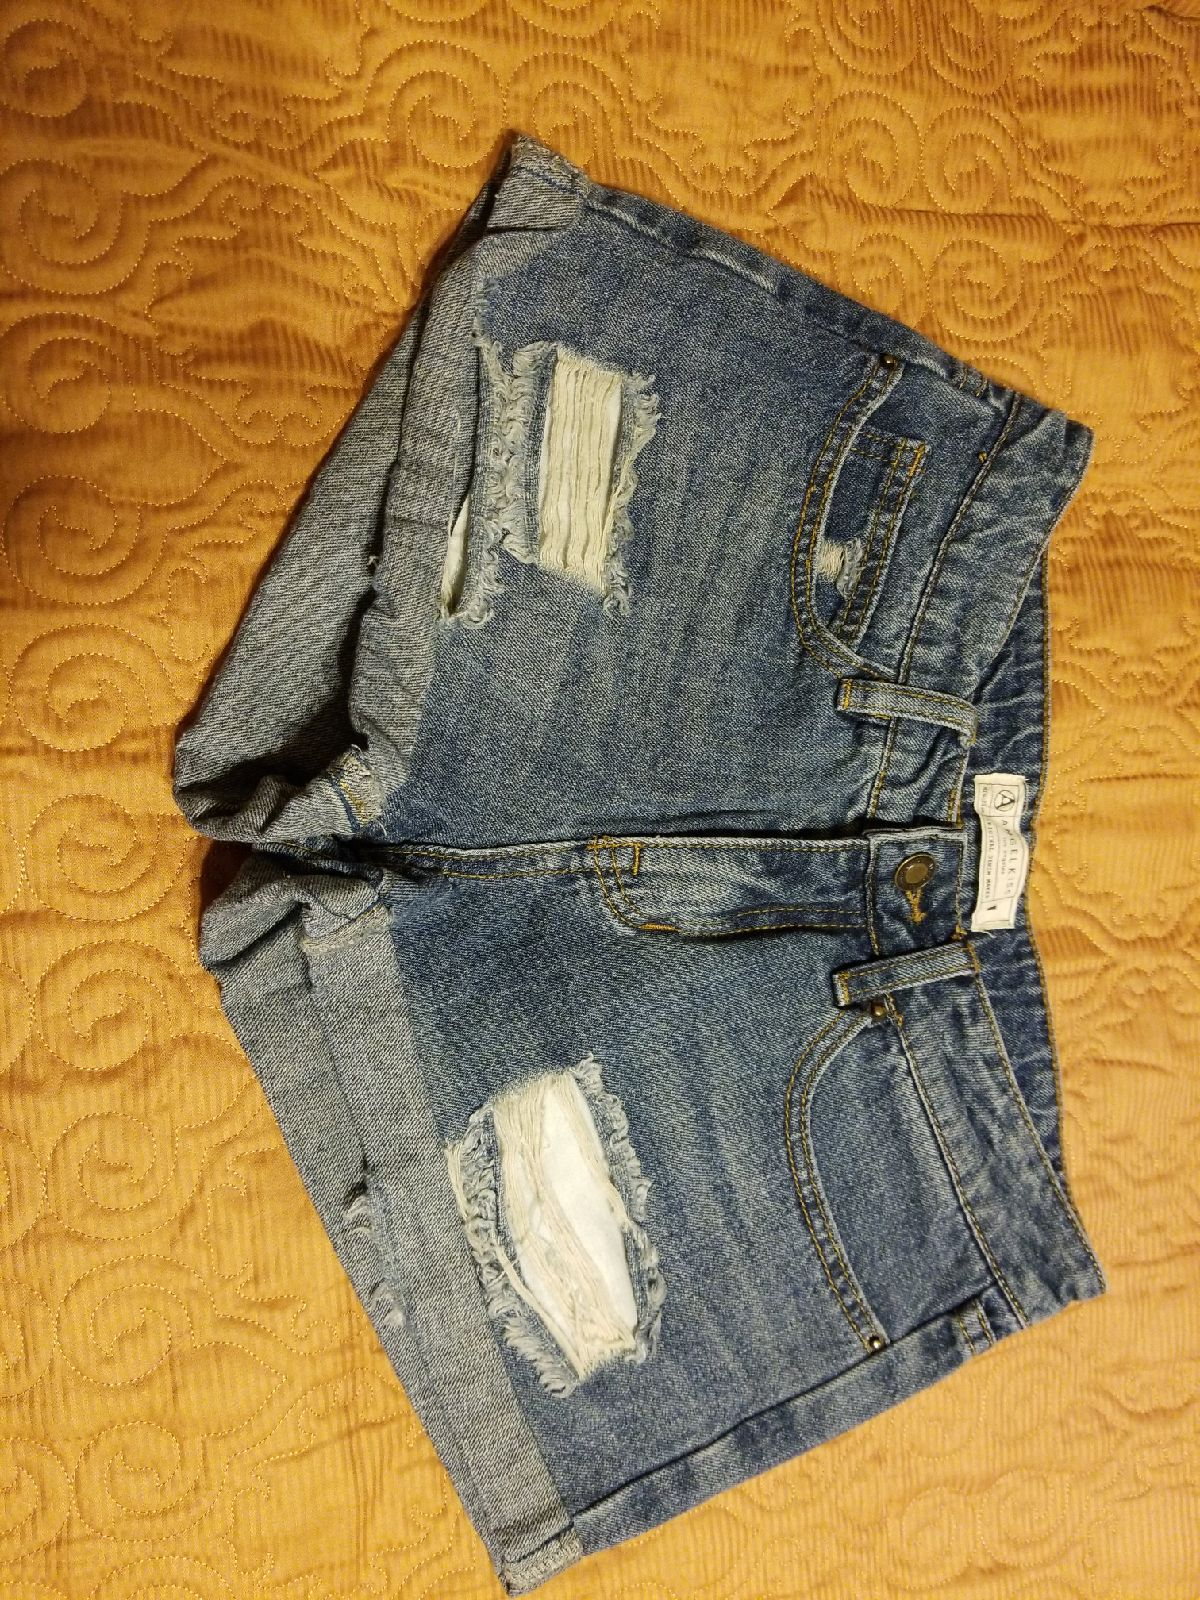 denim shorts